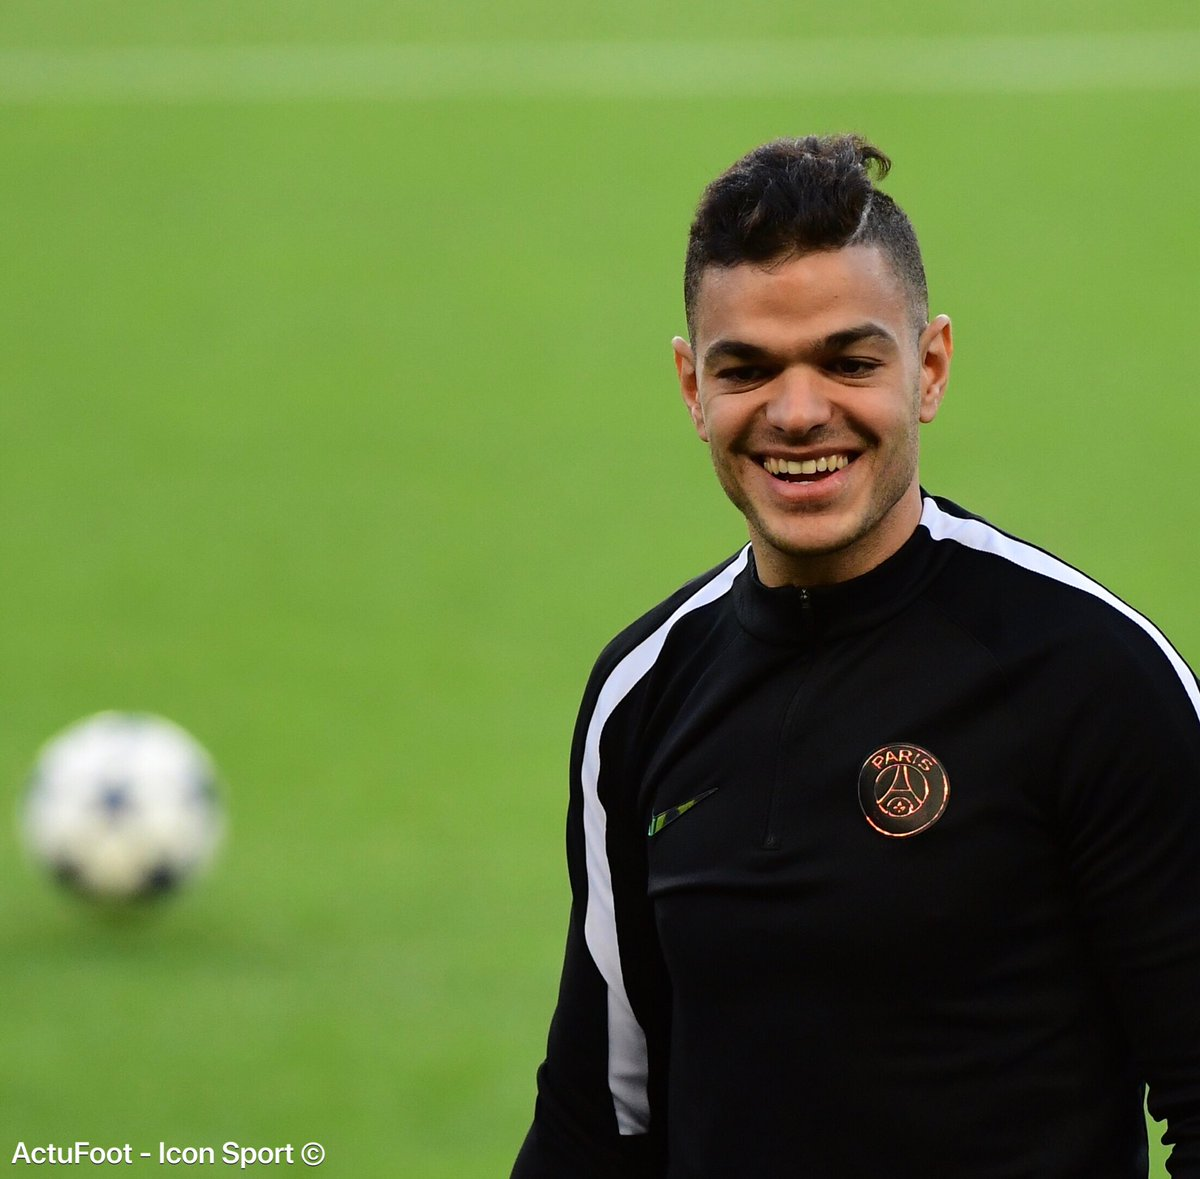 Hatem Ben Arfa a projeté de se rendre dans le vestiaire parisien avec des pizzas le 5 avril prochain,  afin de fêter les un an de son dernier match officiel. (@francefootball)